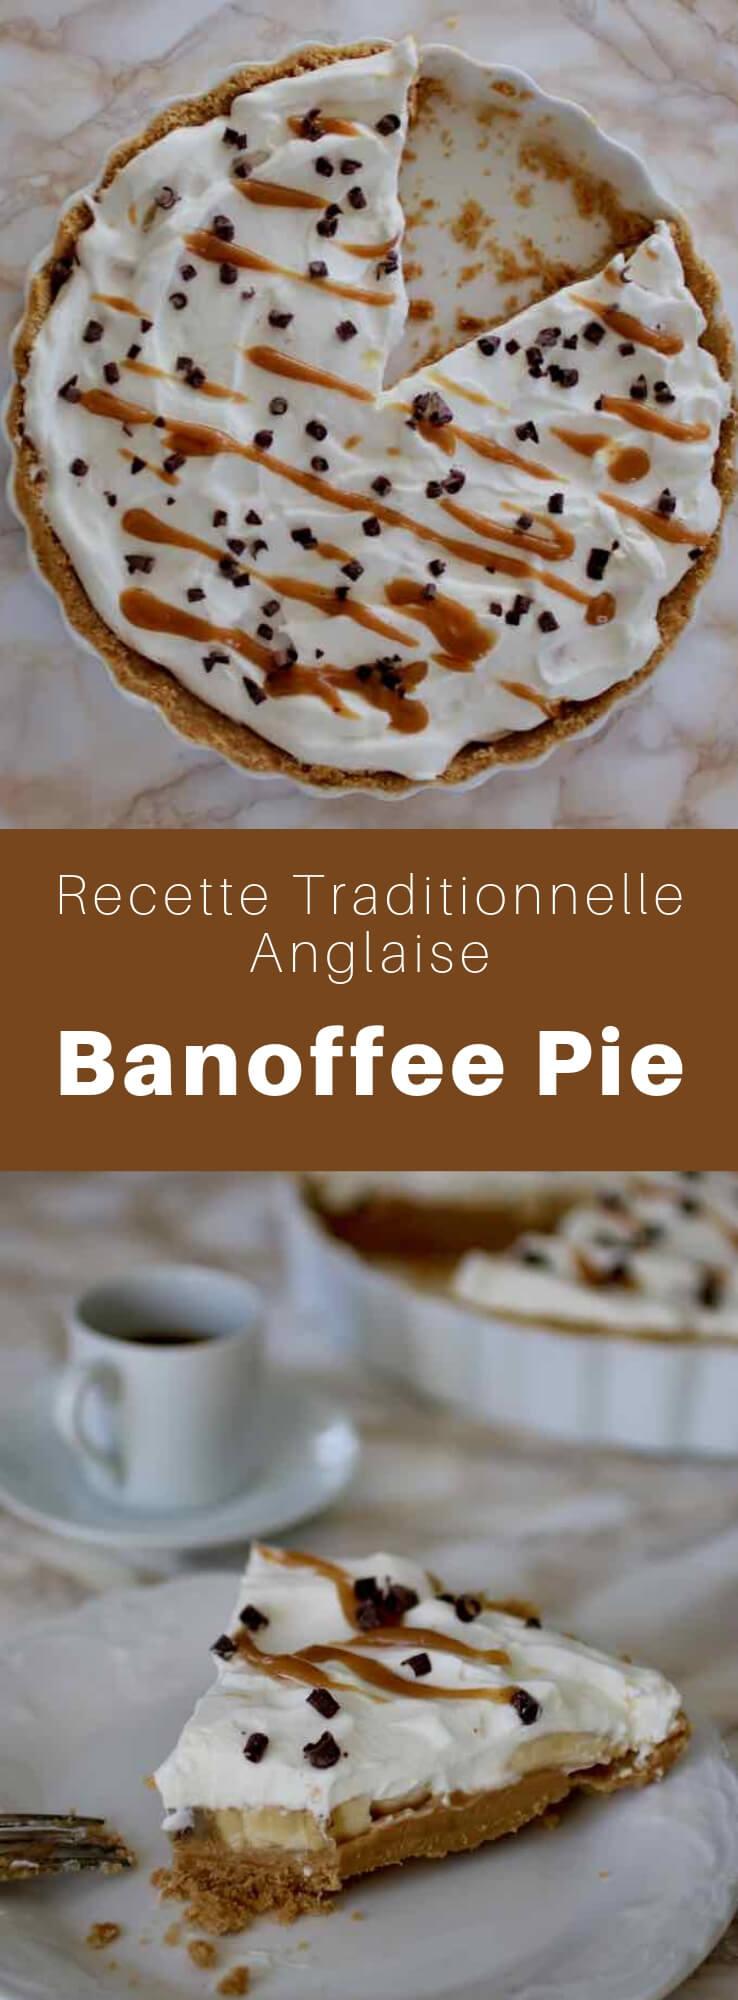 La banoffee pie est un dessert britannique traditionnel préparé avec des bananes, de la crème et du toffee, le tout posé sur une base de biscuits émiettés et de beurre. #RoyaumeUni #Angleterre #RecetteAnglaise #RecetteBritannique #CuisineAnglaise #CuisineBritannique #CuisineDuMonde #196flavors